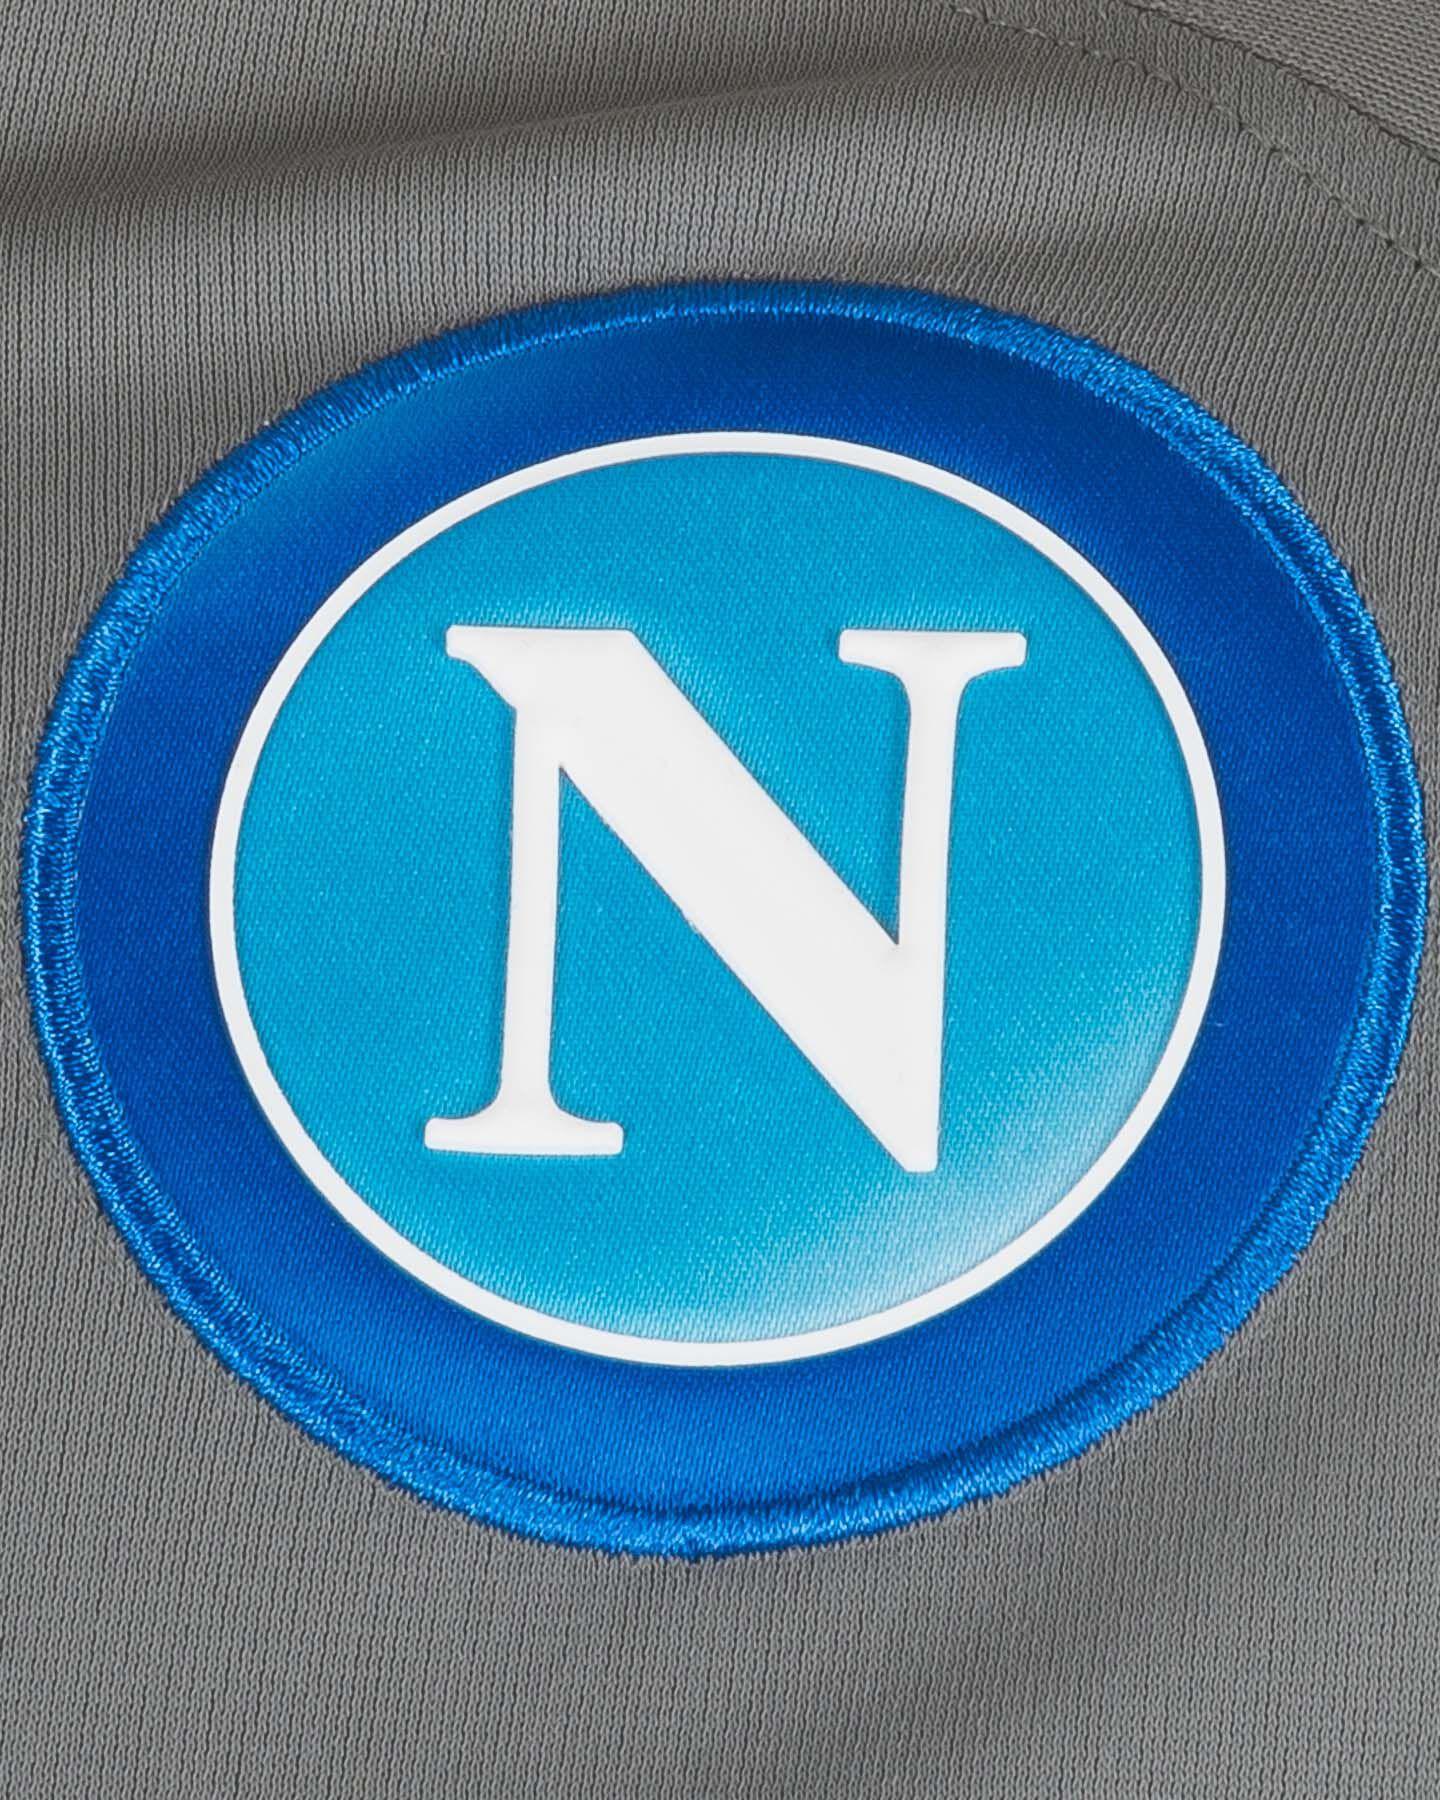 Abbigliamento calcio KAPPA NAPOLI 19-20 M S4068323 scatto 2